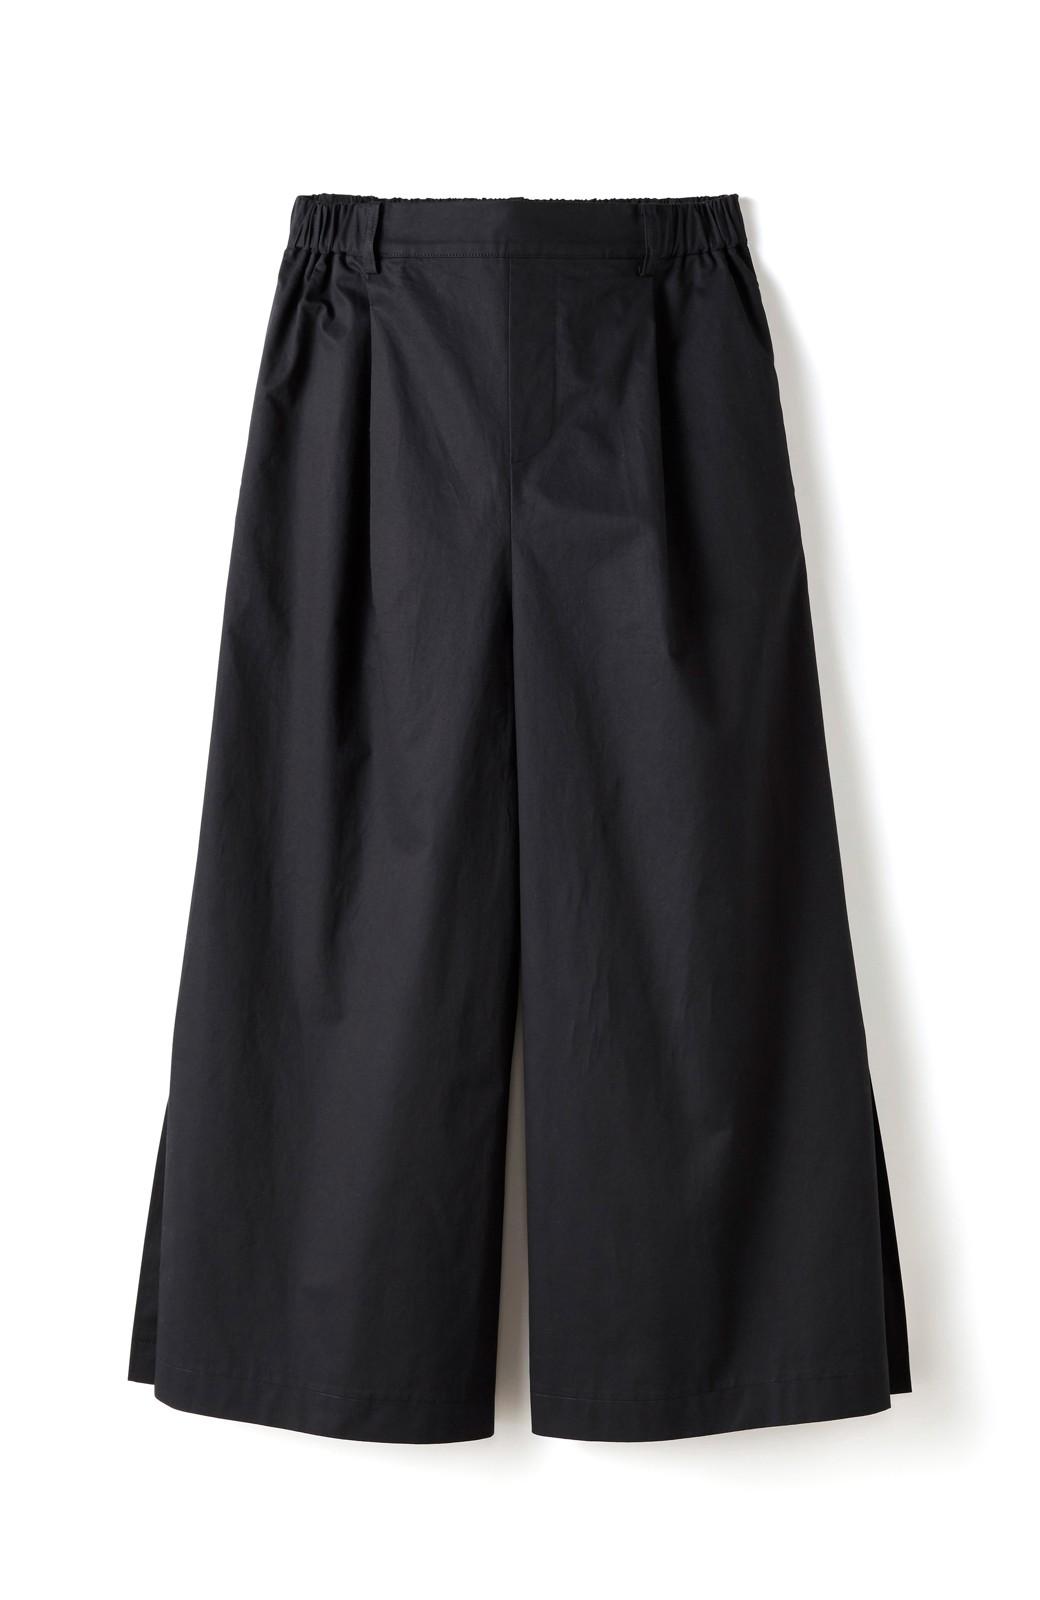 エムトロワ サイドチラ見えがすっと華奢に見せるタックワイドパンツ <ブラック>の商品写真1